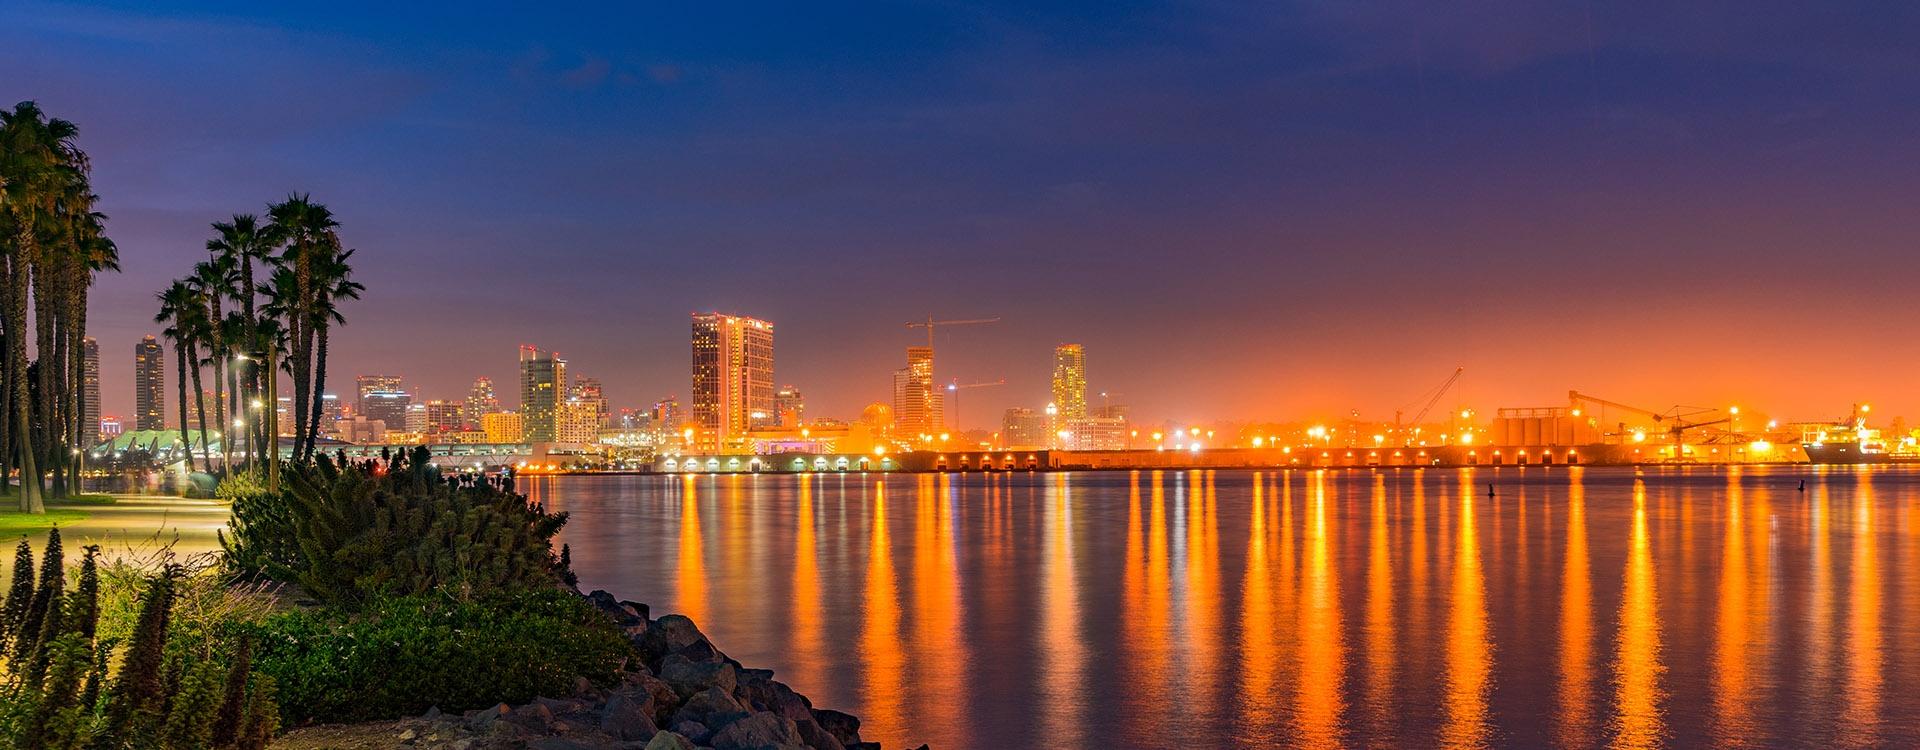 San Diego1920x750